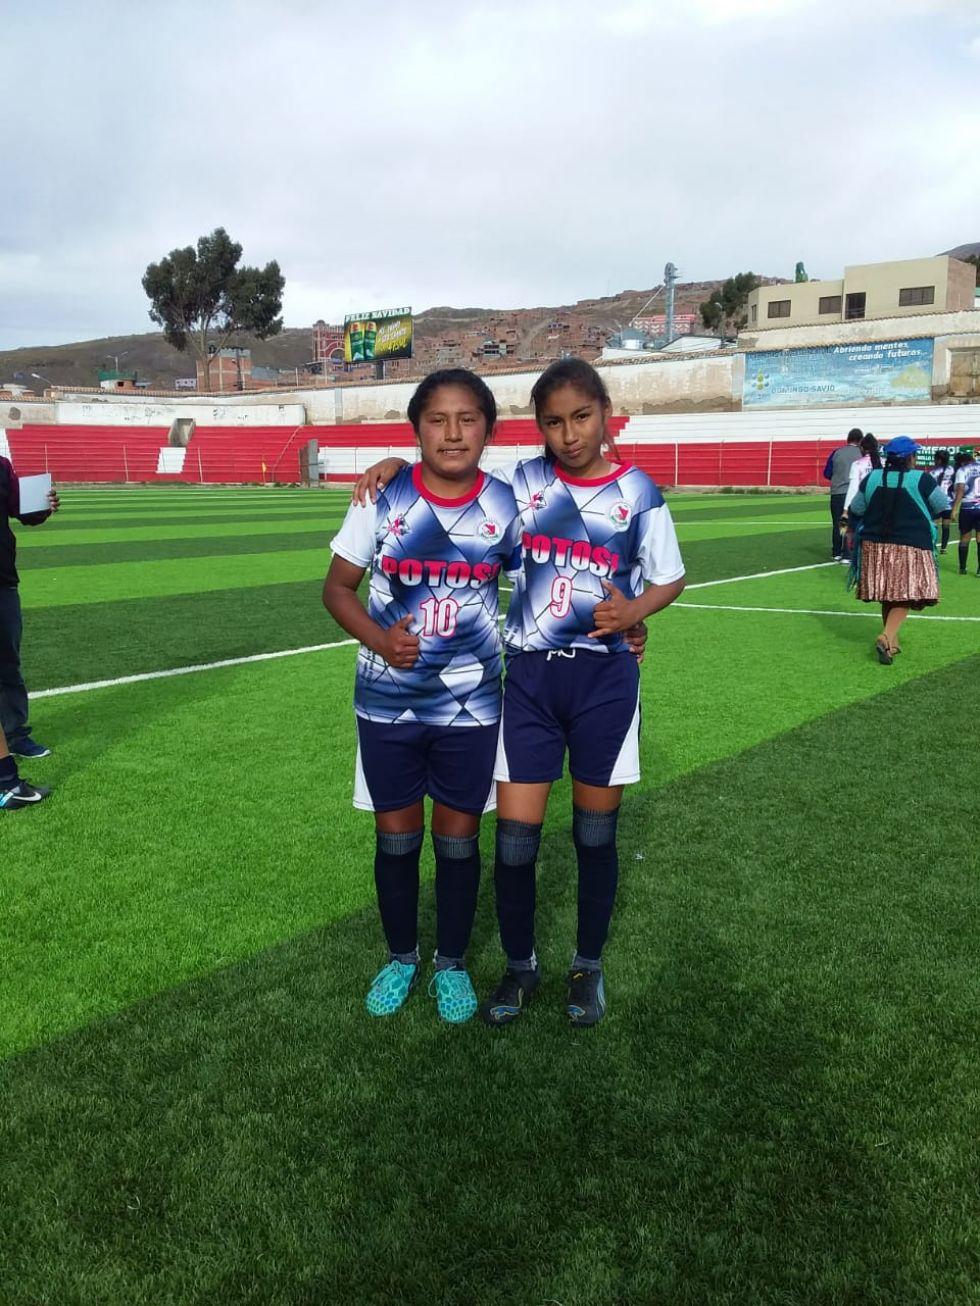 Amelia Avendaño y Nicol Zamara Paredes autoras de los goles para Potosí